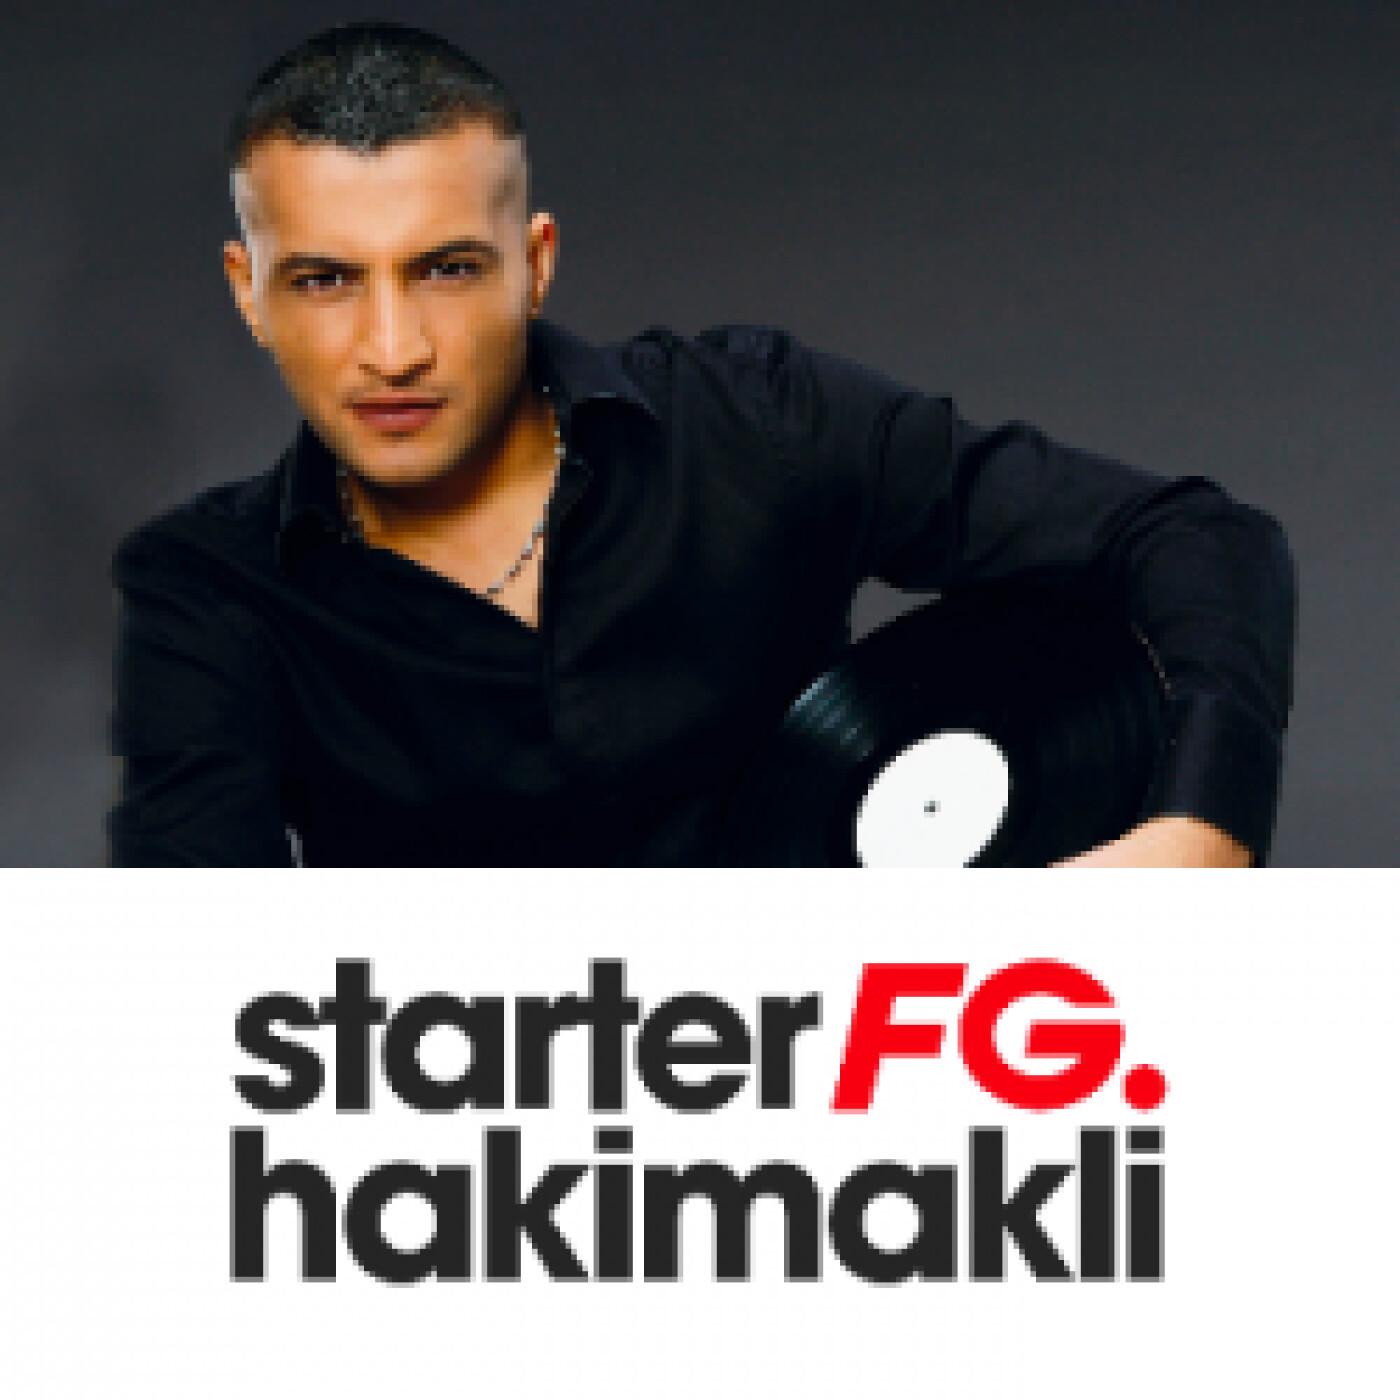 STARTER FG BY HAKIMAKLI LUNDI 22 FEVRIER 2021